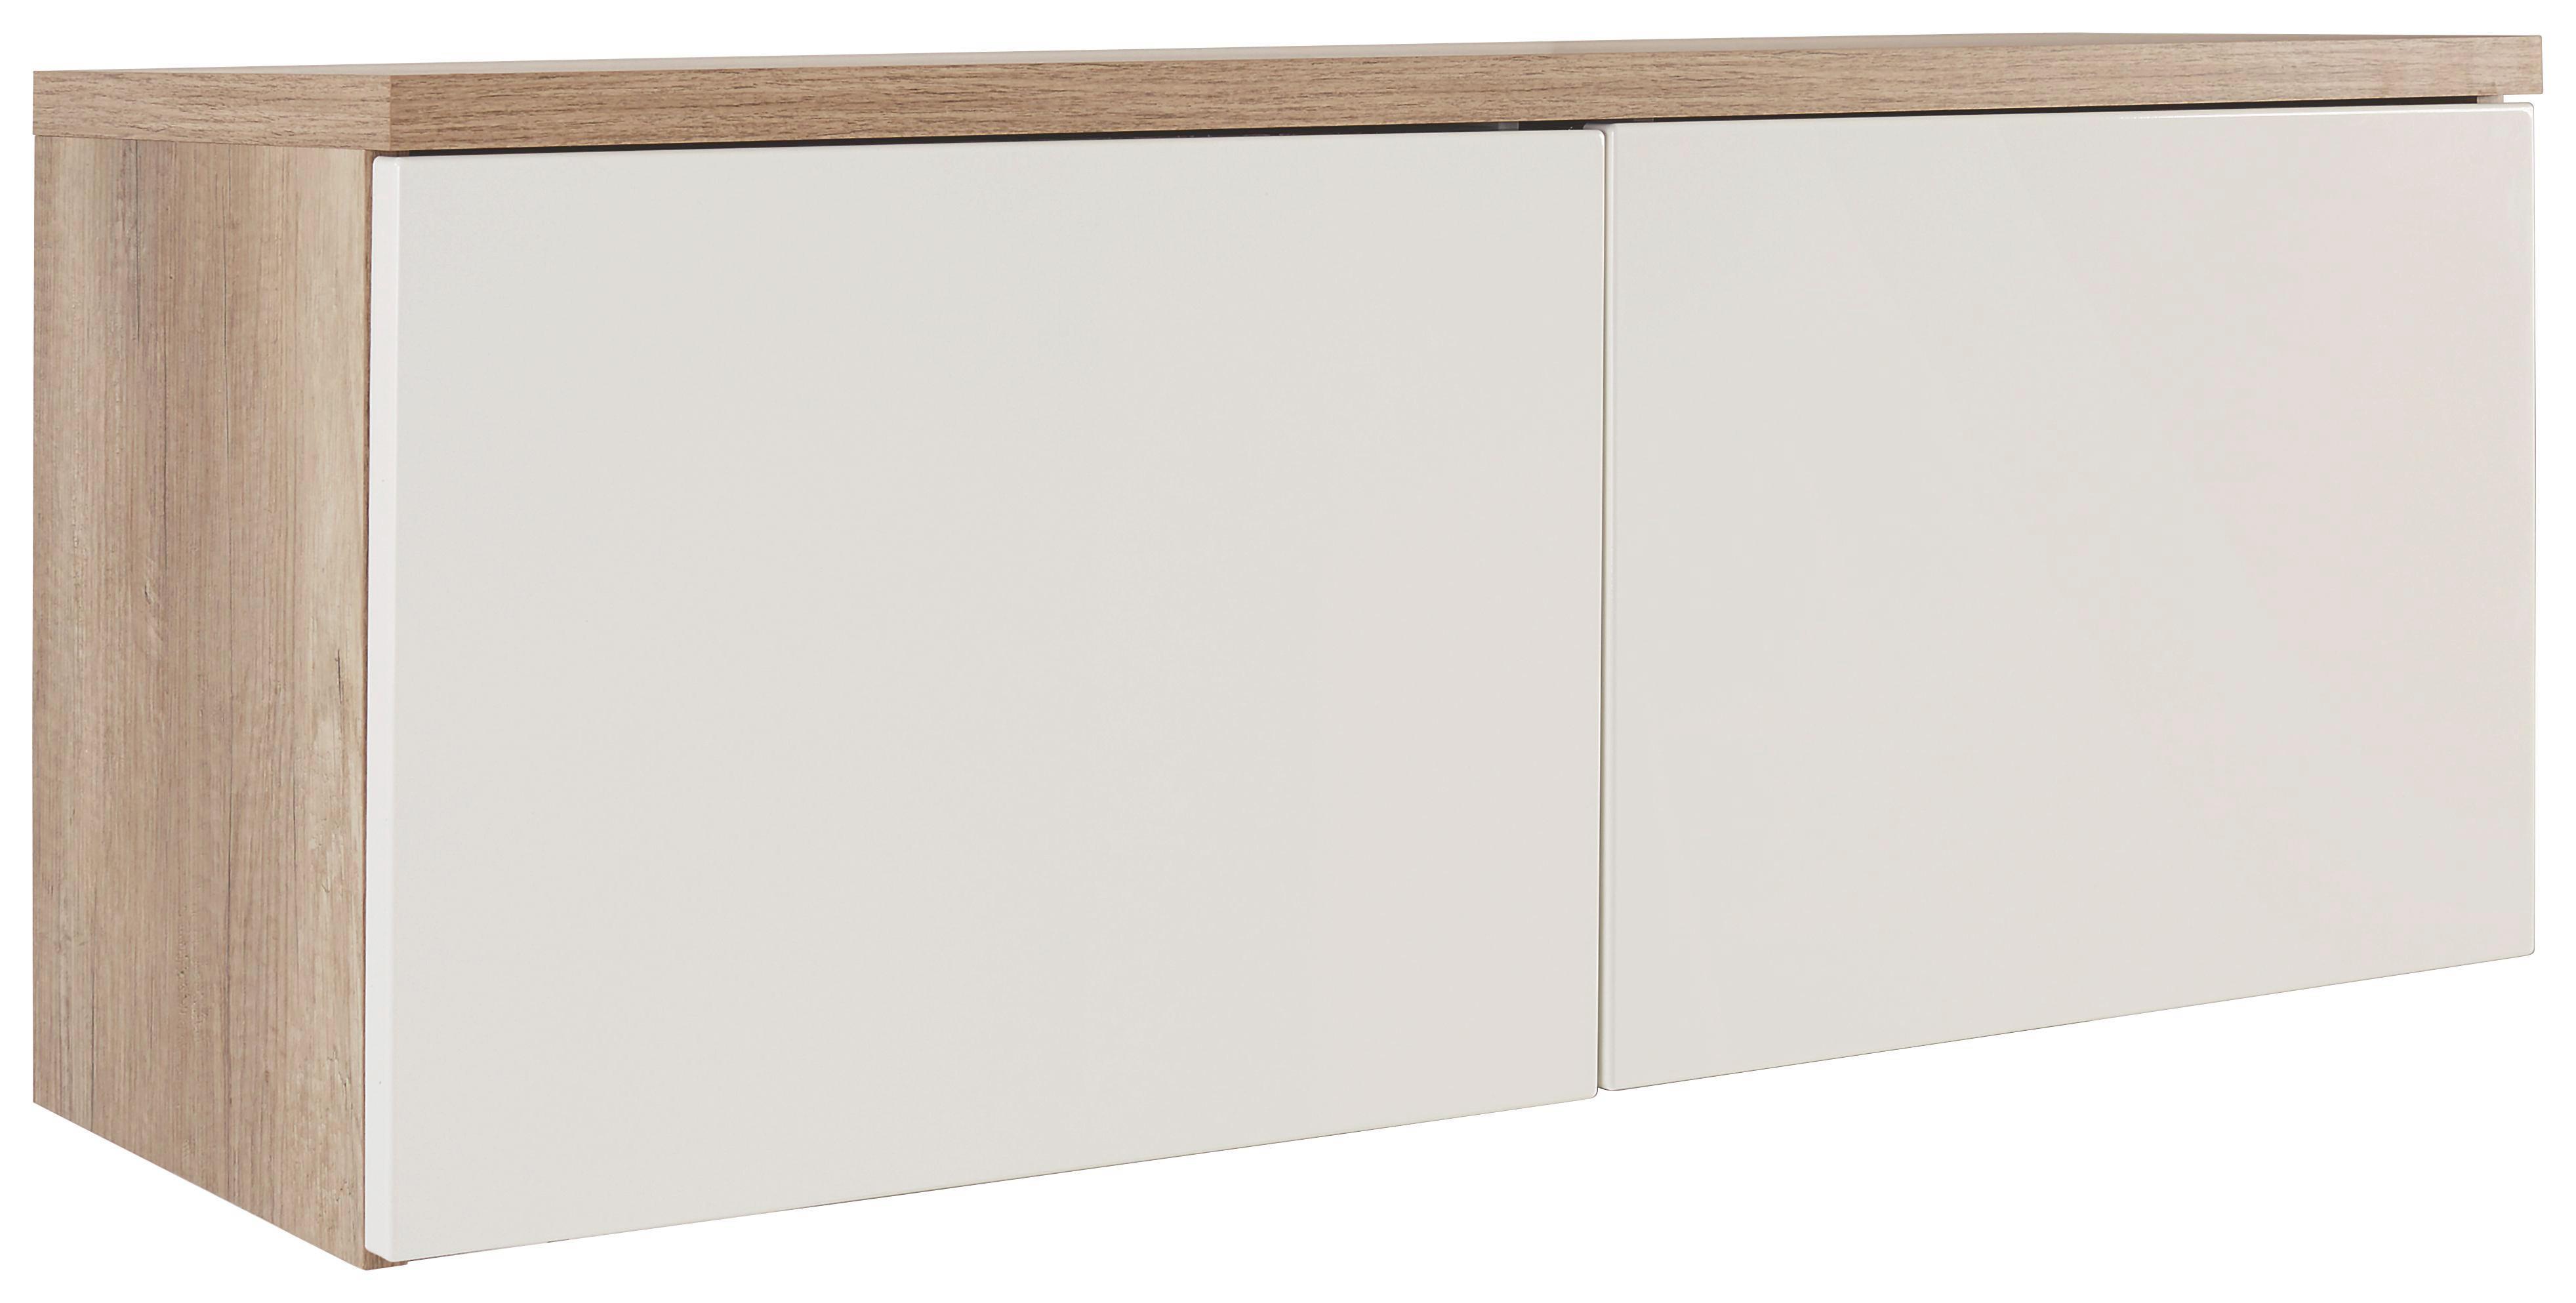 Előszoba Rátét Szekrény Space - tölgy színű/fehér, modern (100/40/35cm)